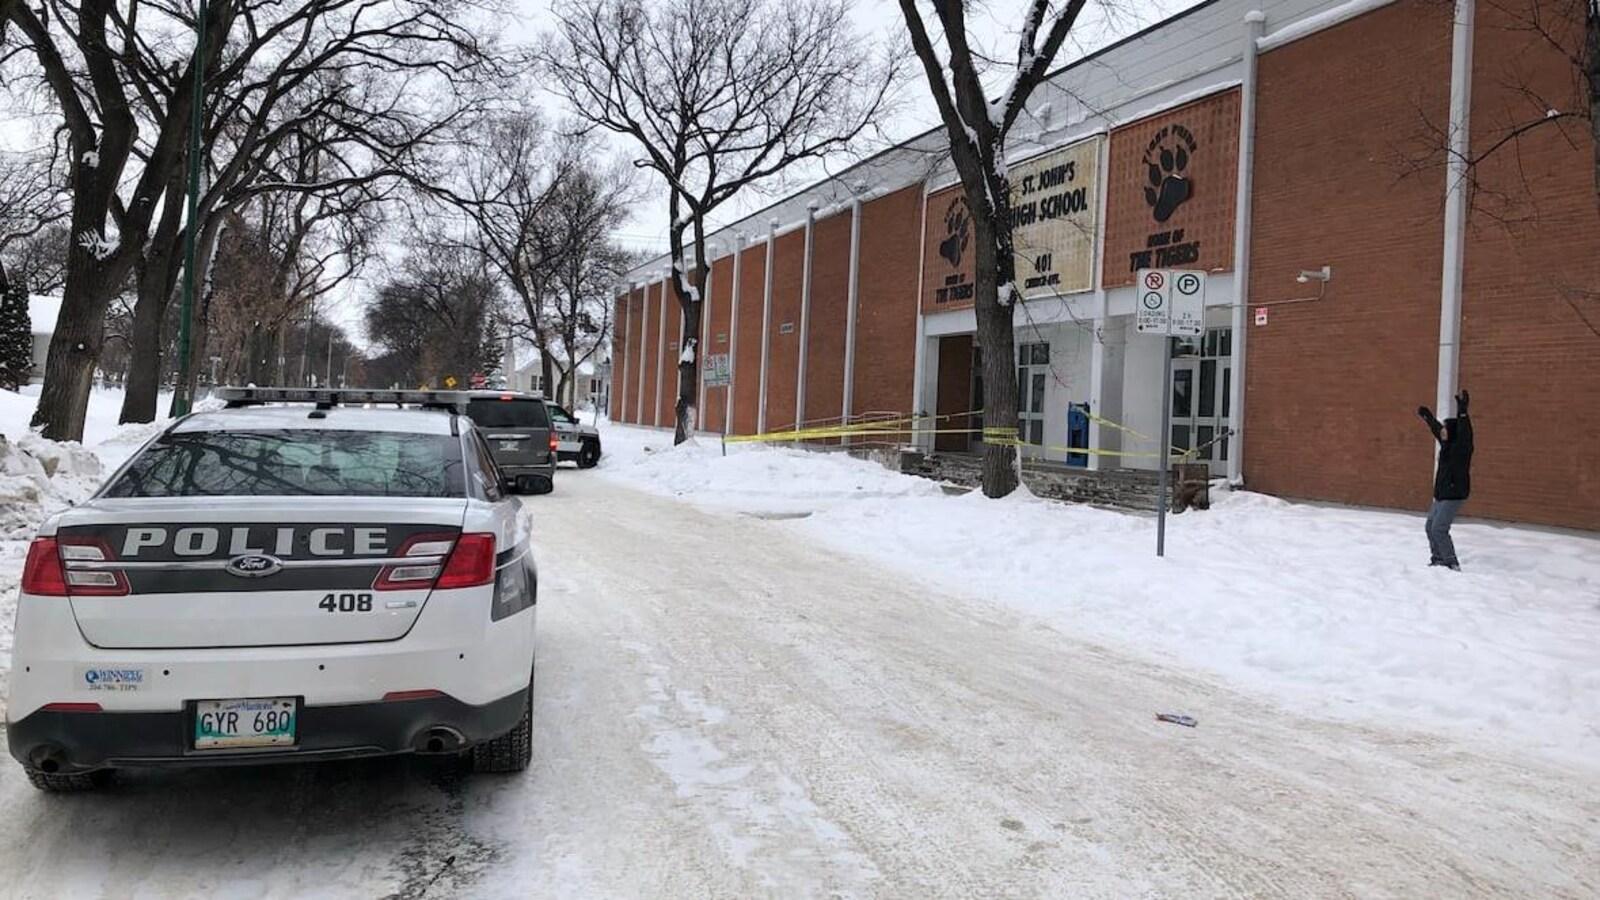 Des voitures de police sont stationnées sur la rue, devant une école.